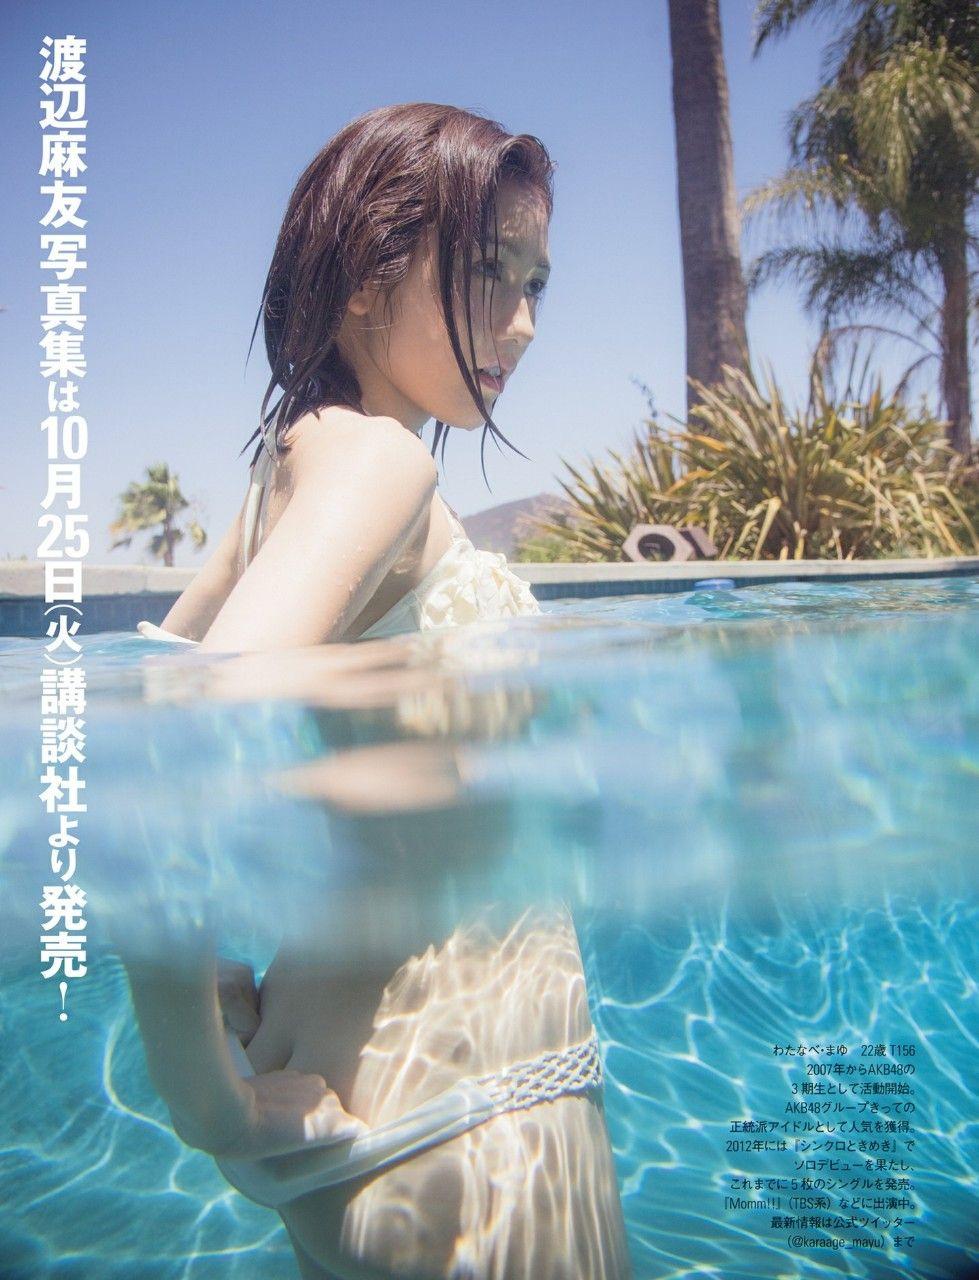 水中の中で水着をなおす渡辺麻友